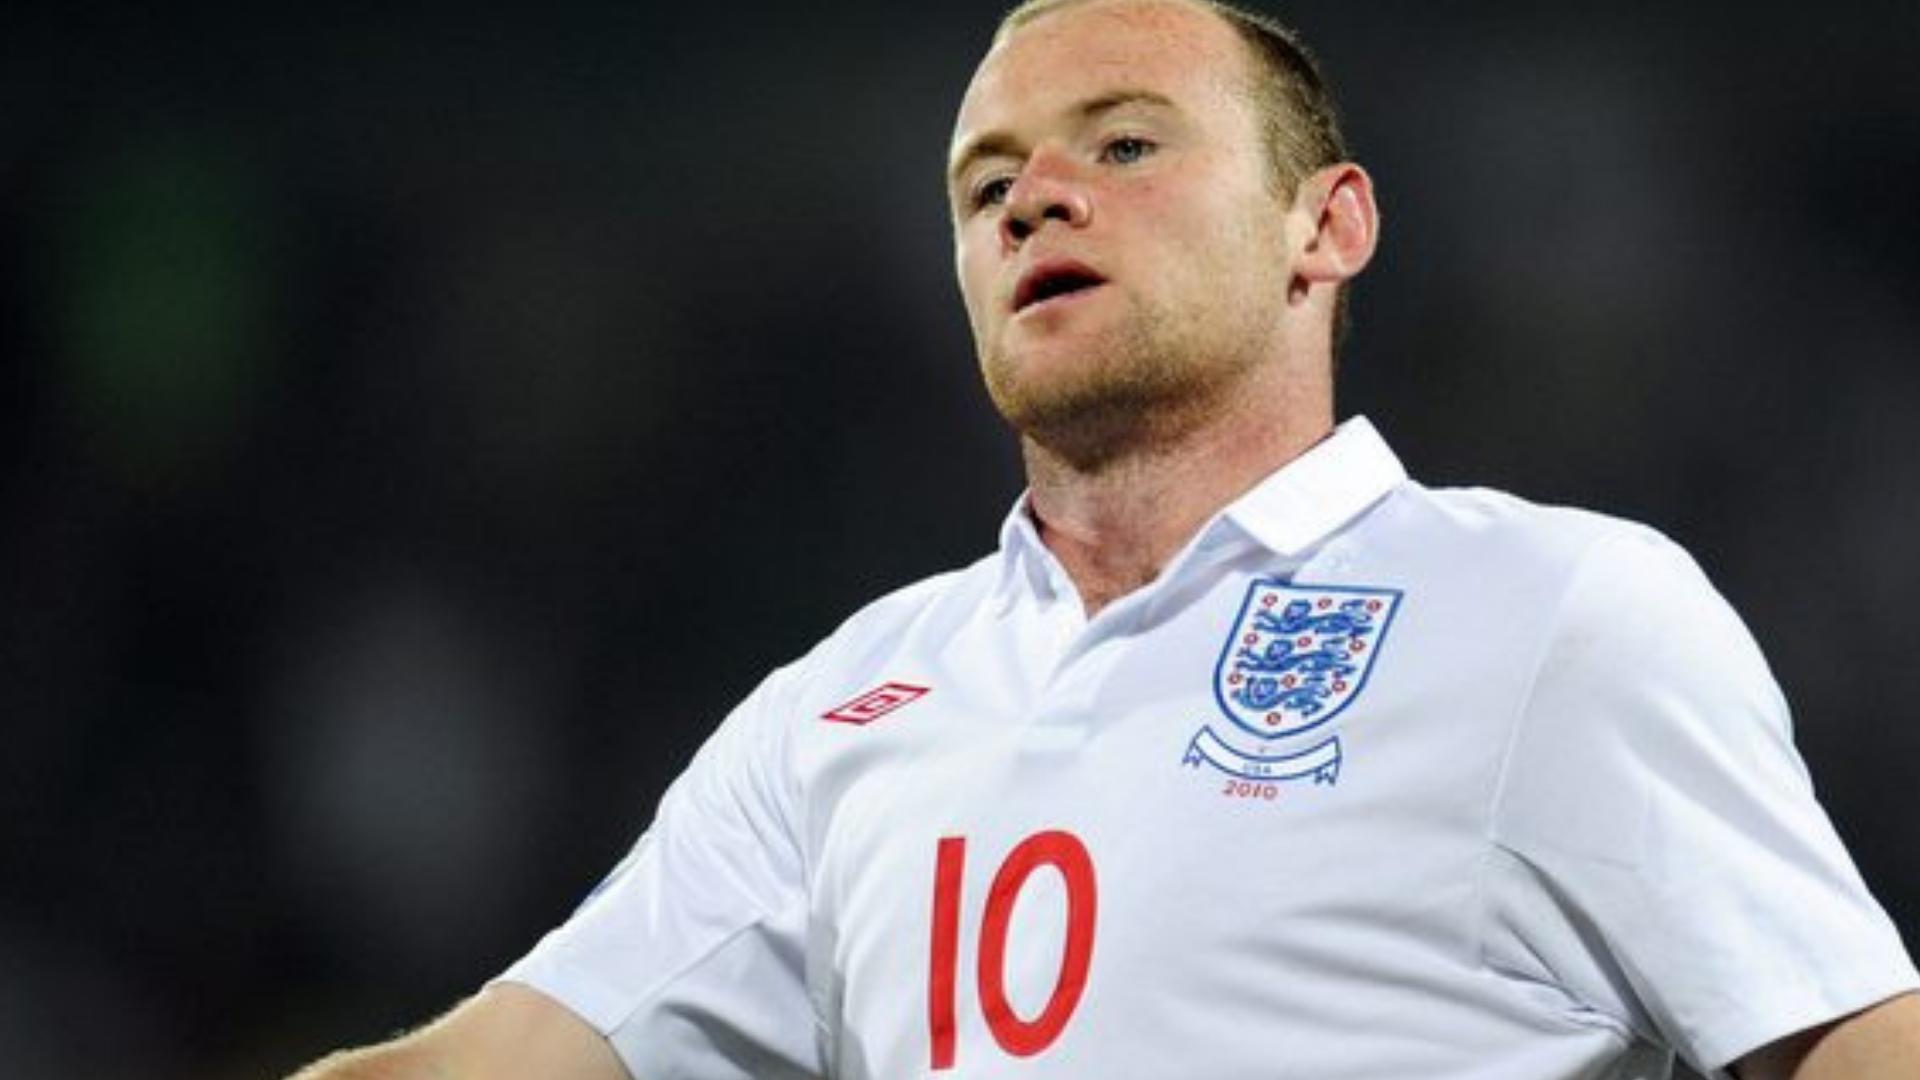 Wayne Rooney zatrzymany przez policję. Sprawa wygląda poważnie